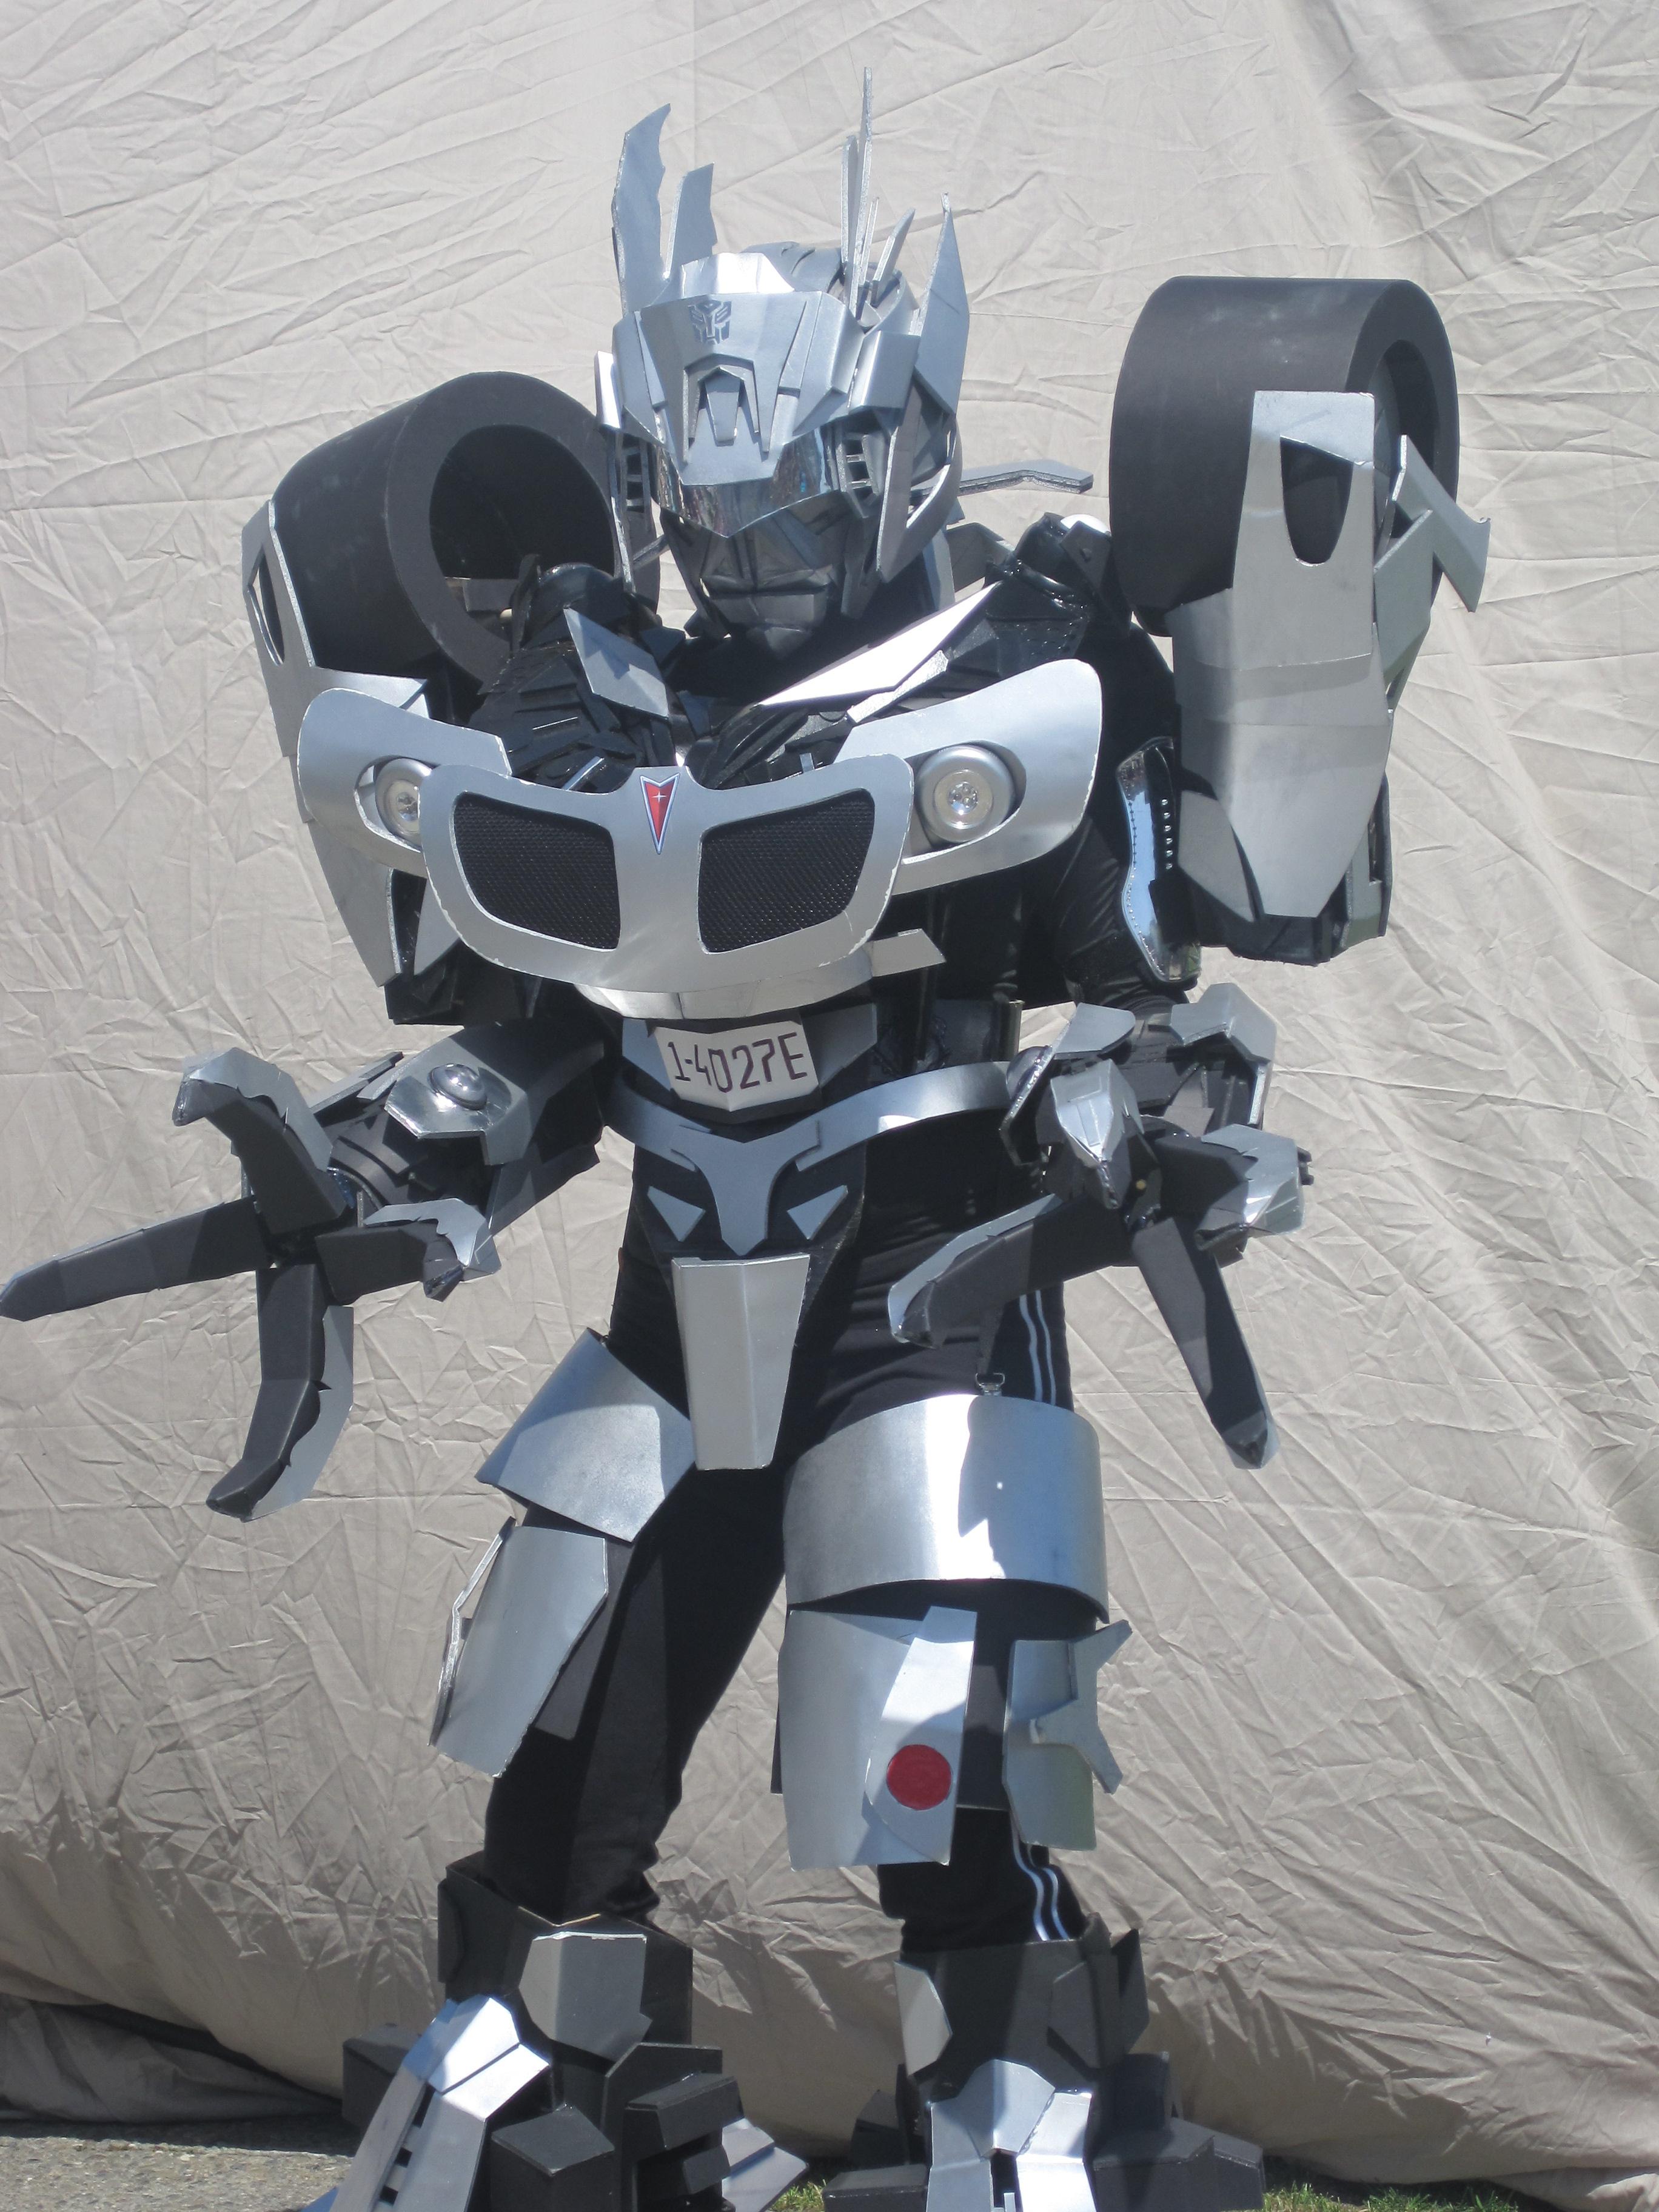 Jazz (Transformers) - Wikipedia